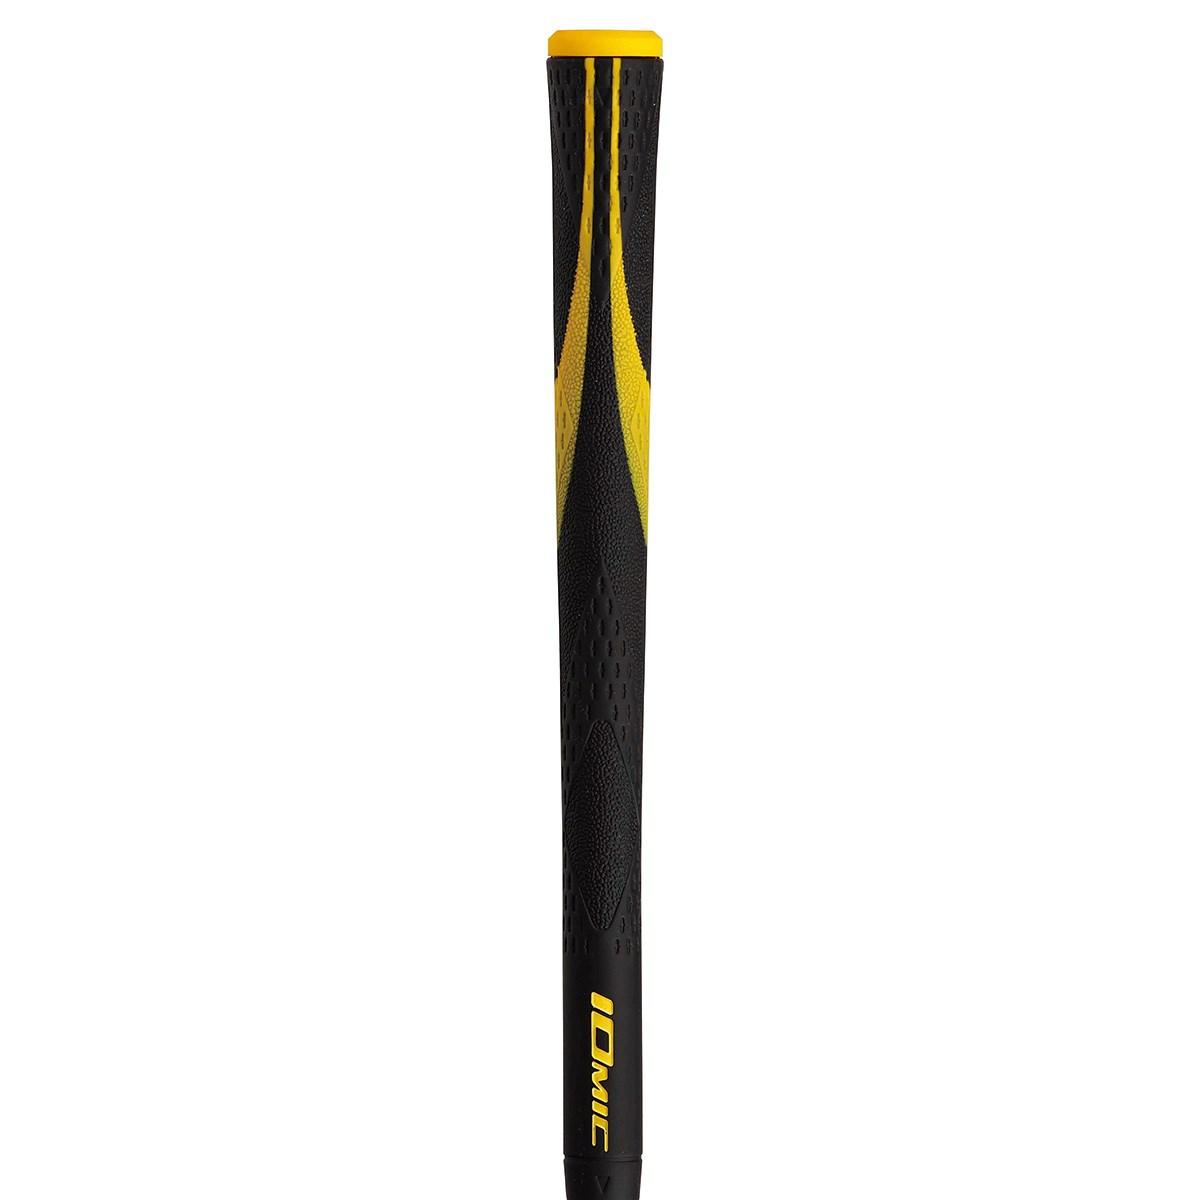 イオミック IOMIC X-Opus Black 2.3 グリップ 無し M60 外径:22.3mm(グリップエンドから5cm) ブラック/イエロー